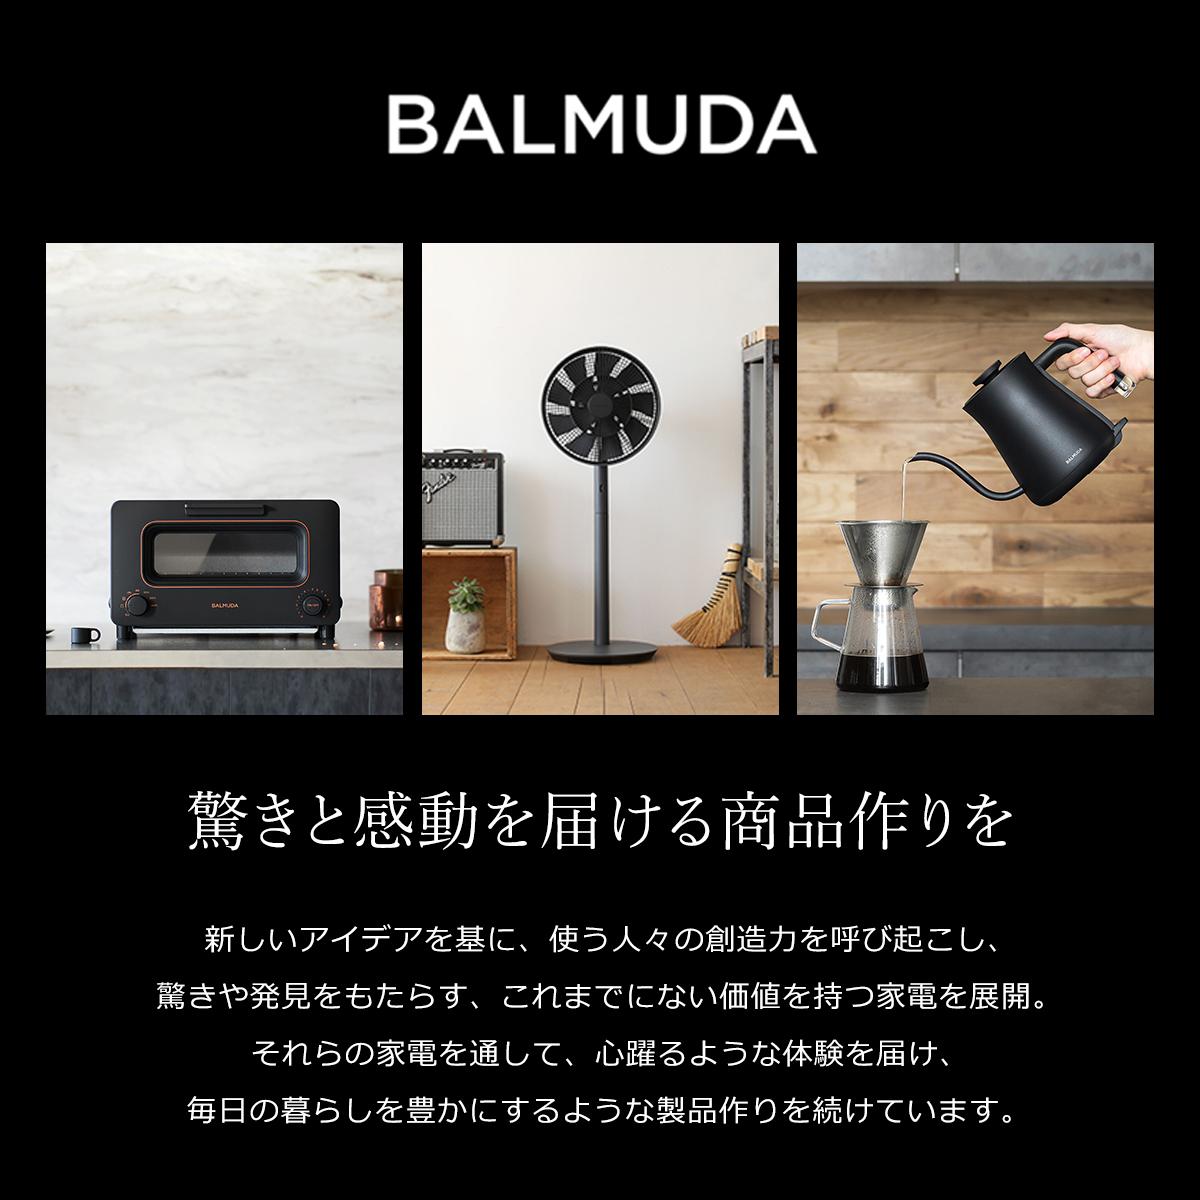 BALMUDA取り扱い一覧 / バルミューダ